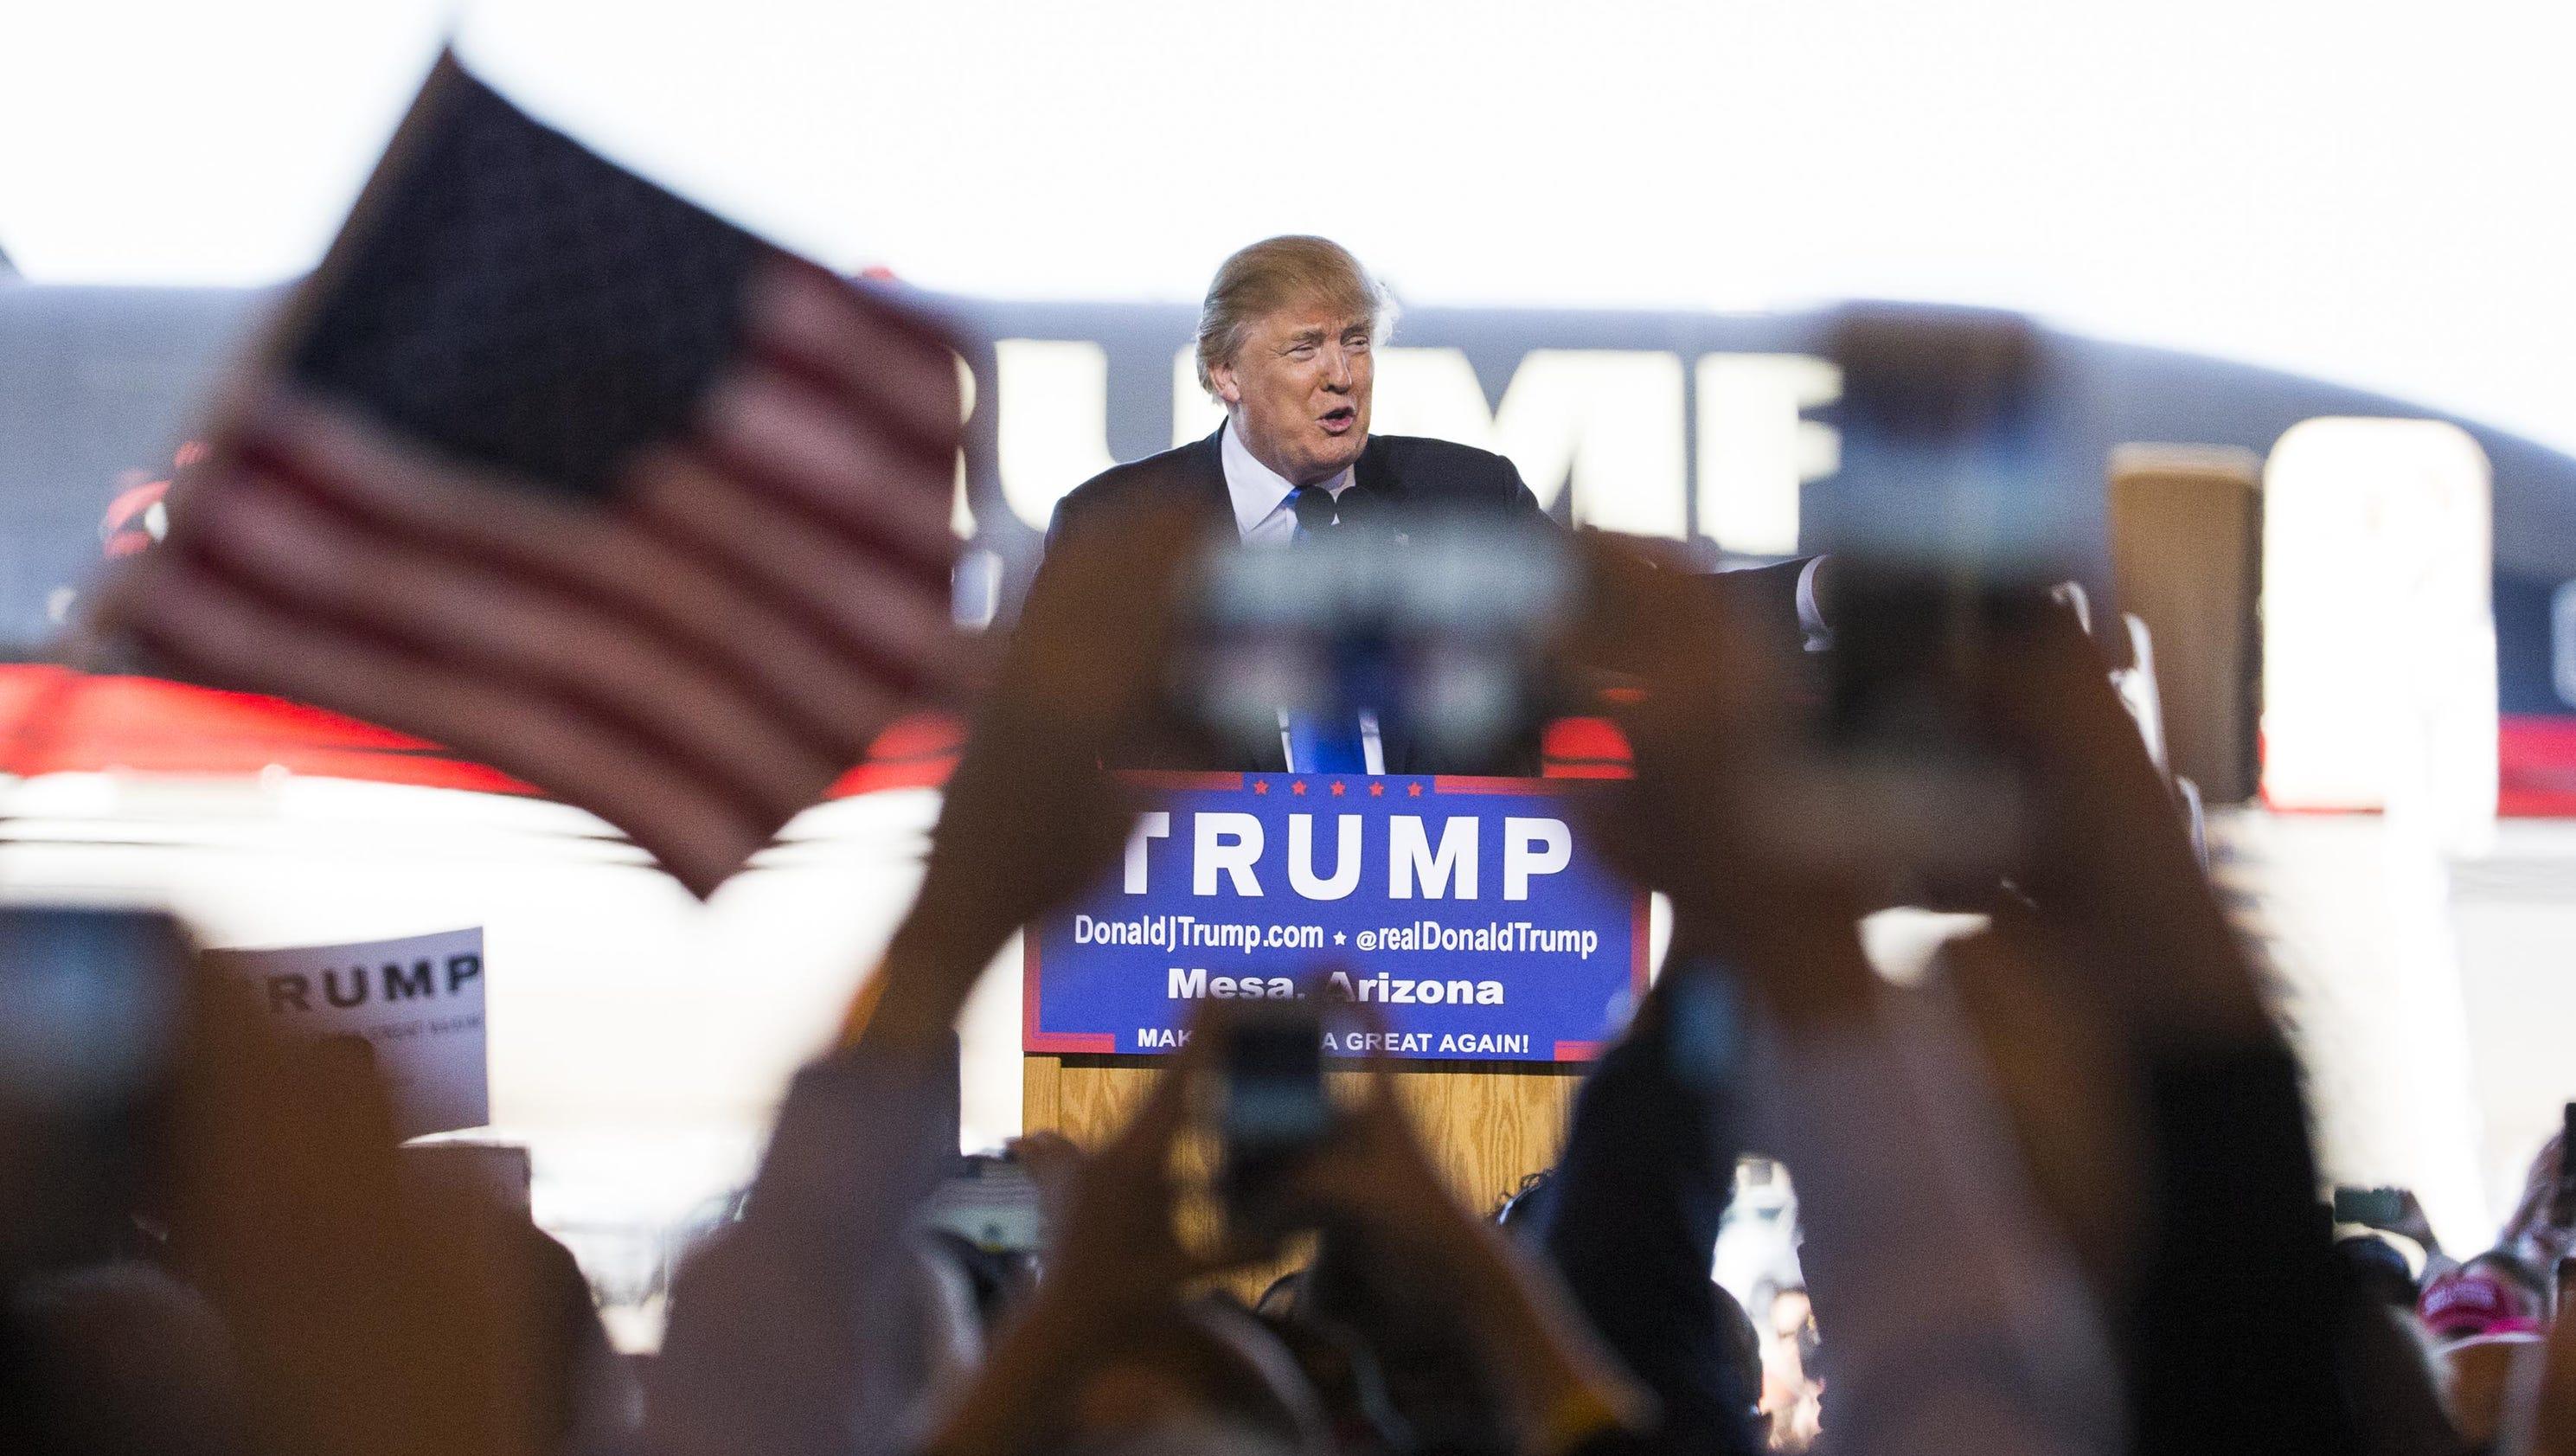 Donald Trump draws thousands to Mesa rally